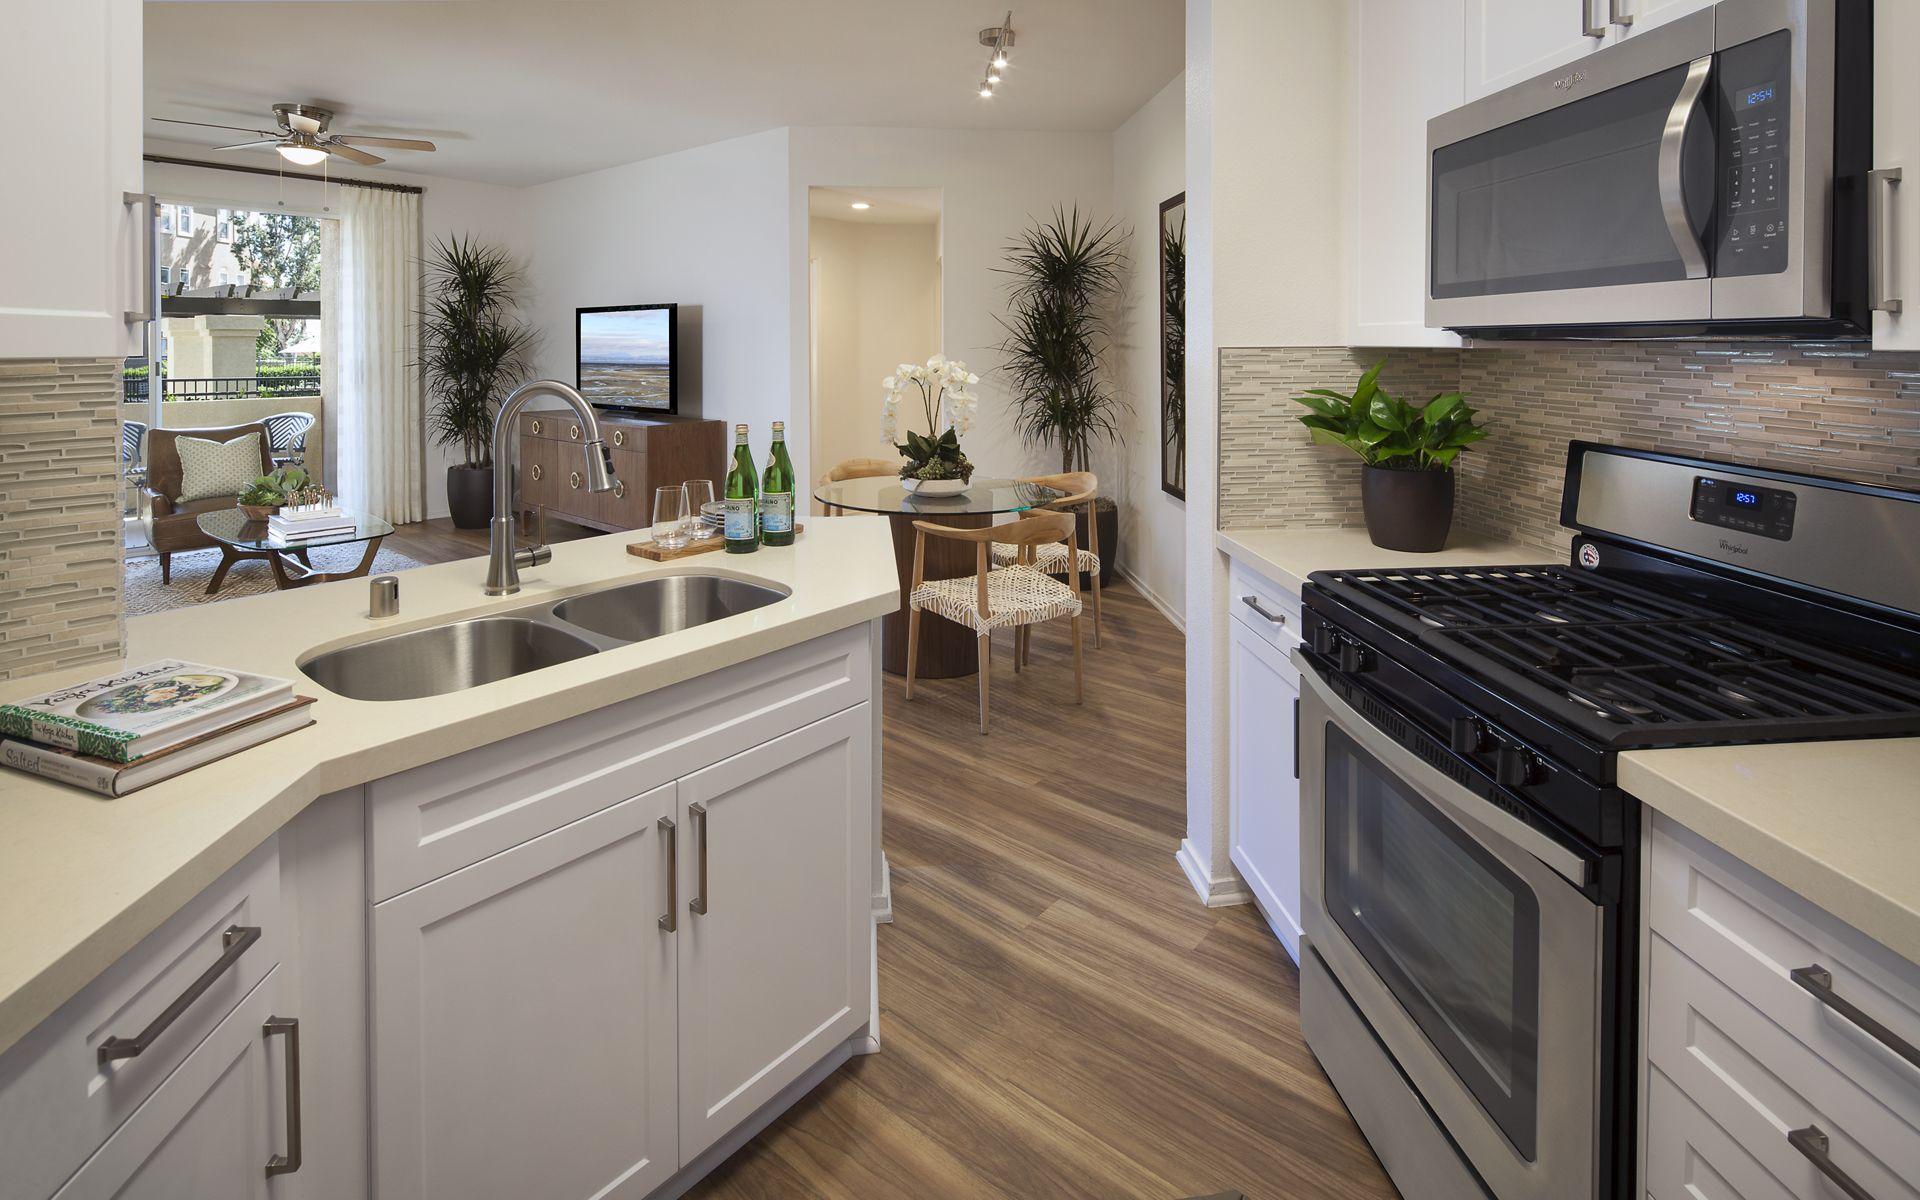 Interior view of a kitchen at Vista Bella Apartment Homes in Aliso Viejo, CA.